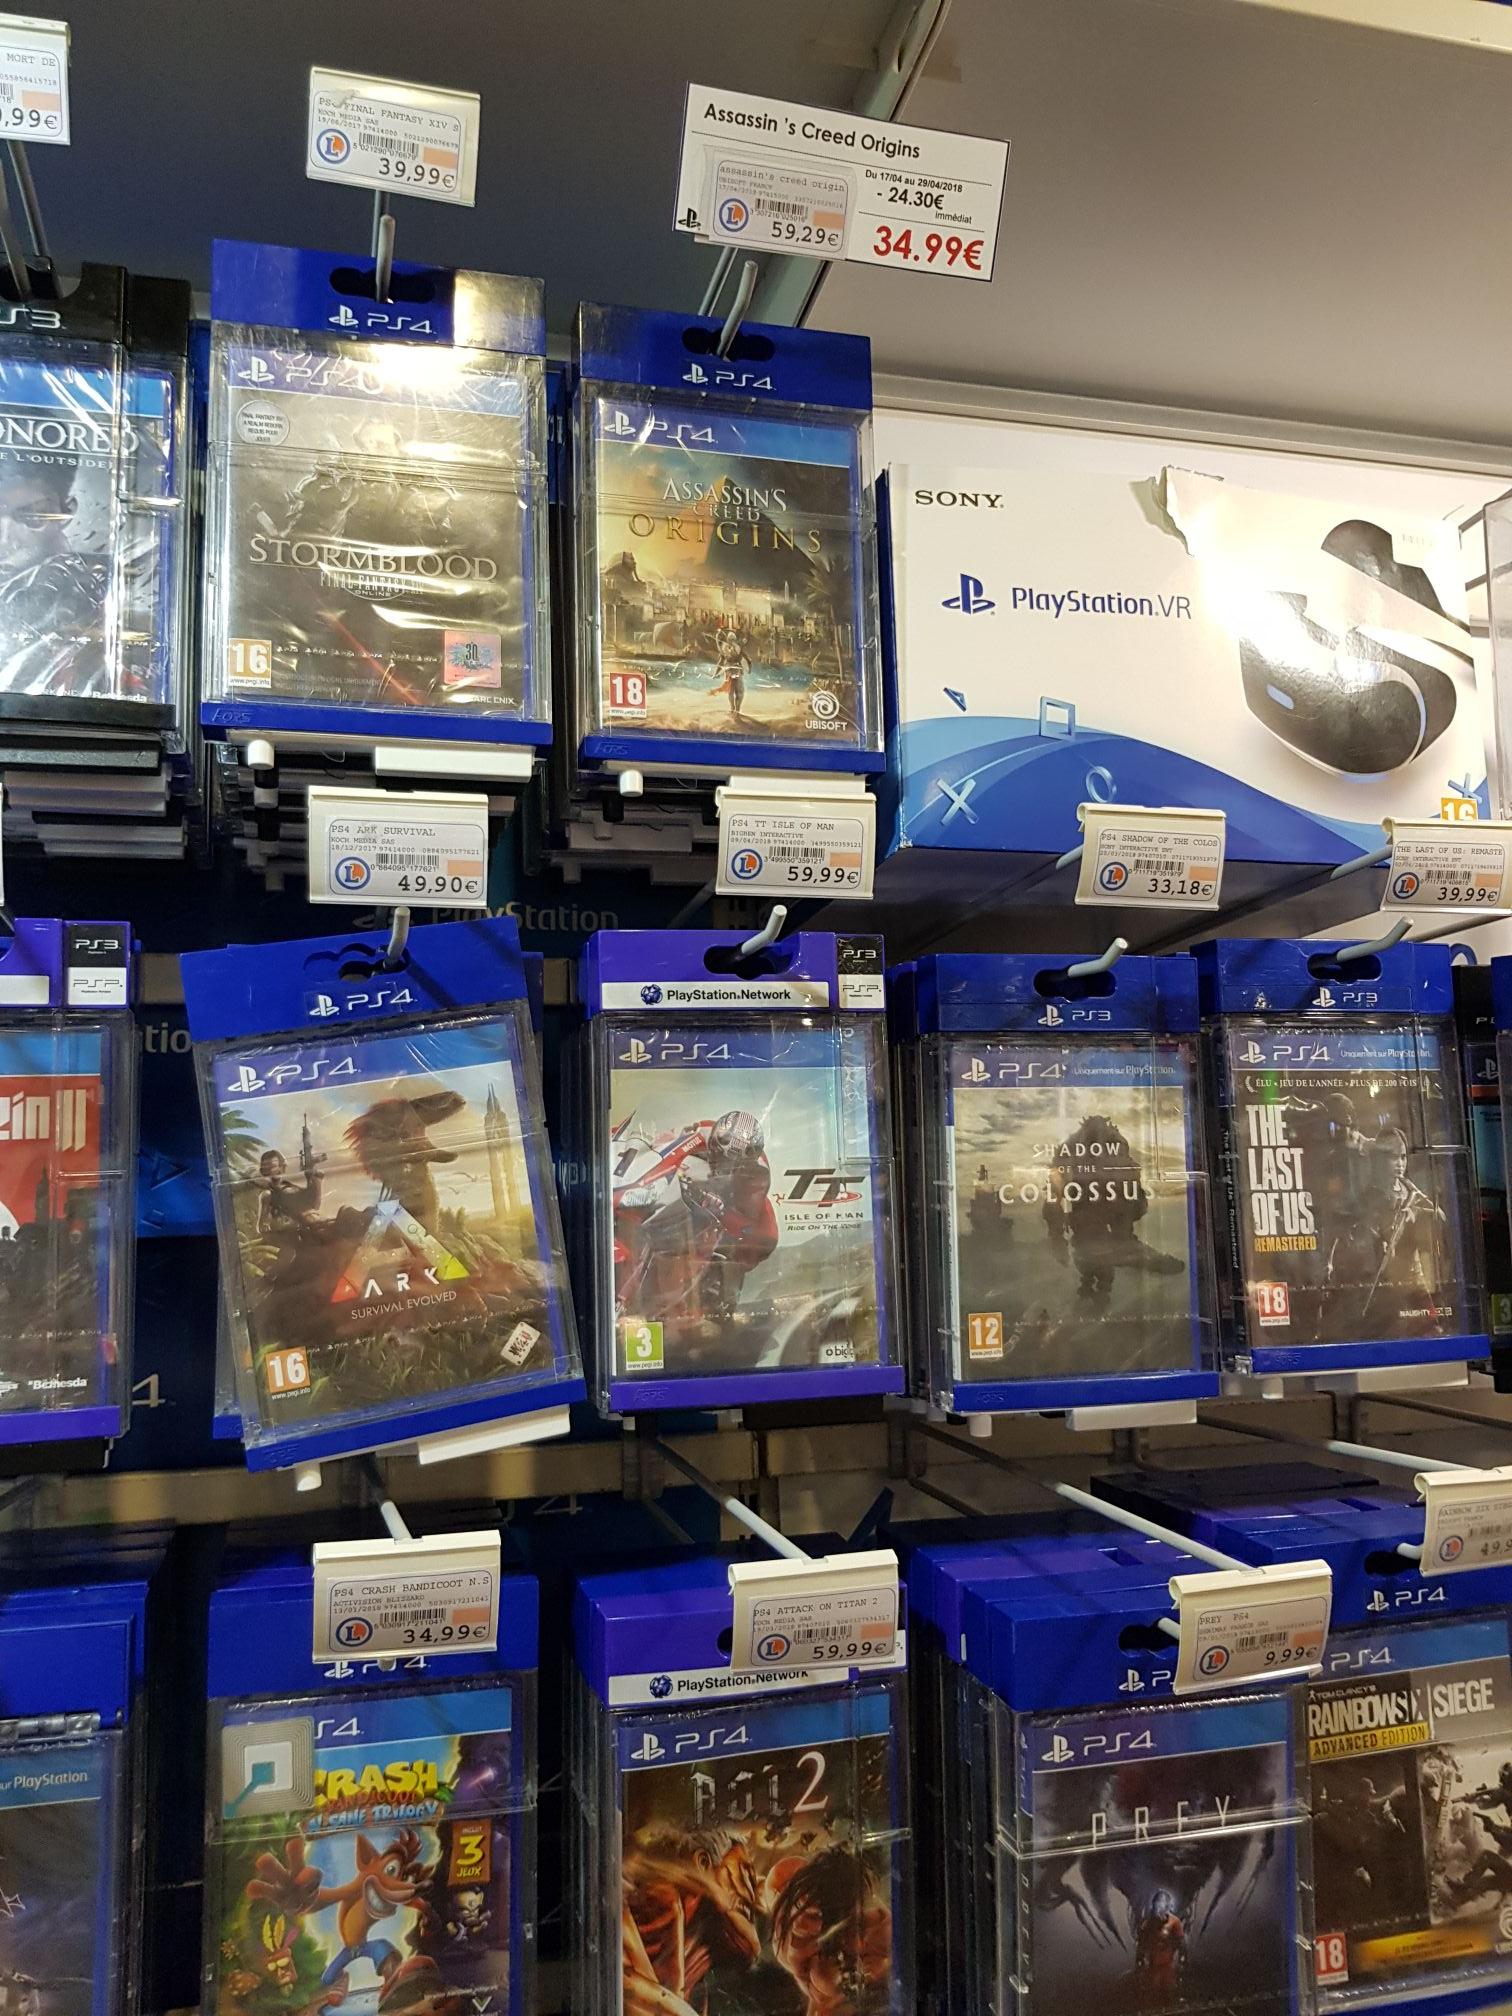 Prey 9,99€ et Assassin's Creed Origins - Montbéliard (25), Rochefort (17)